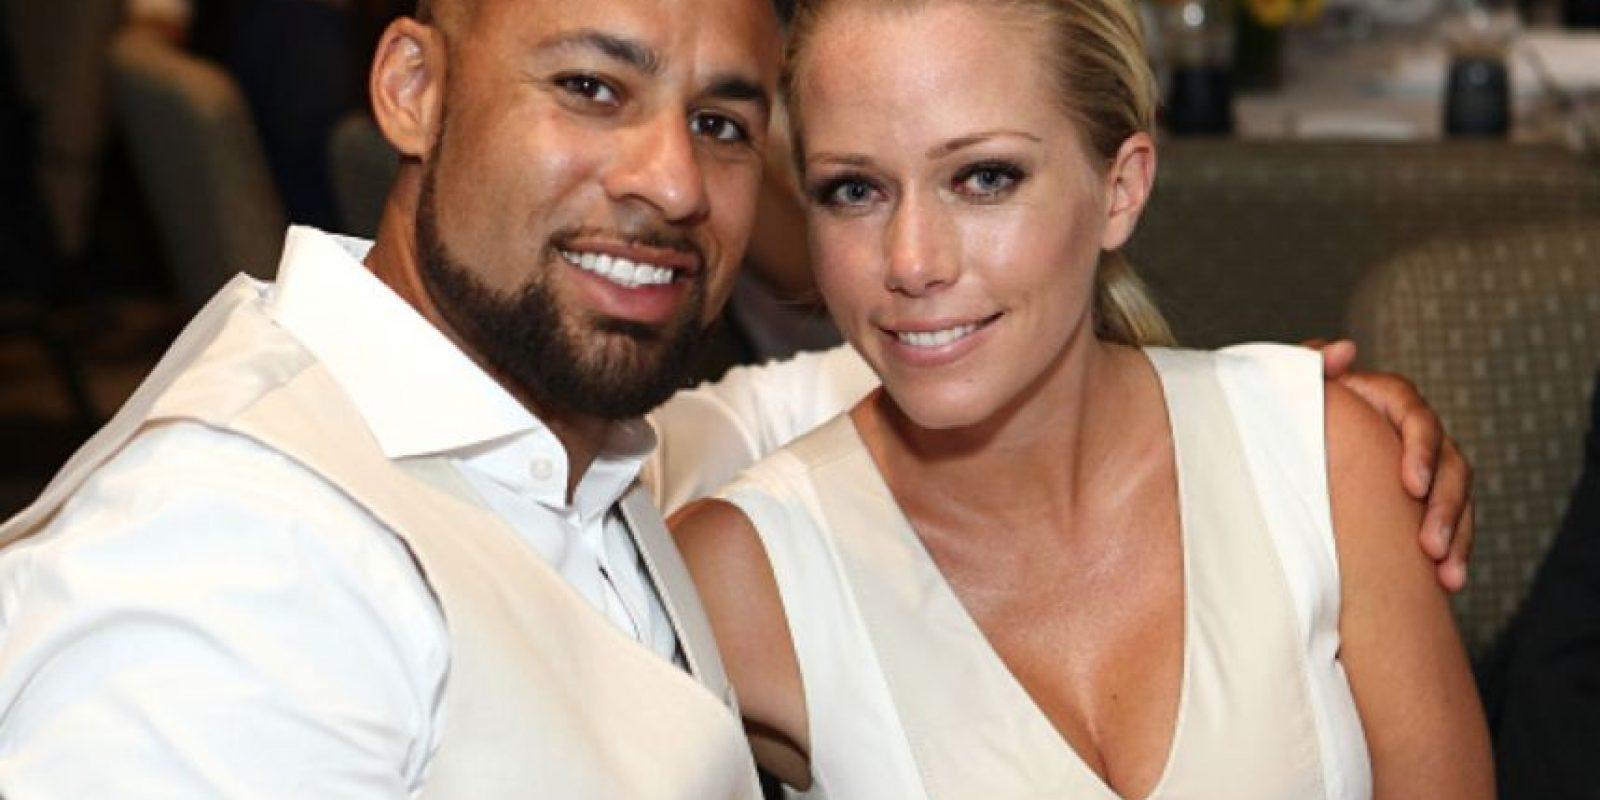 Se dice que Hank Baskett engañó a Kendra Wilkinson con un transexual cuando ella estaba embarazada. Foto:vía Getty Images